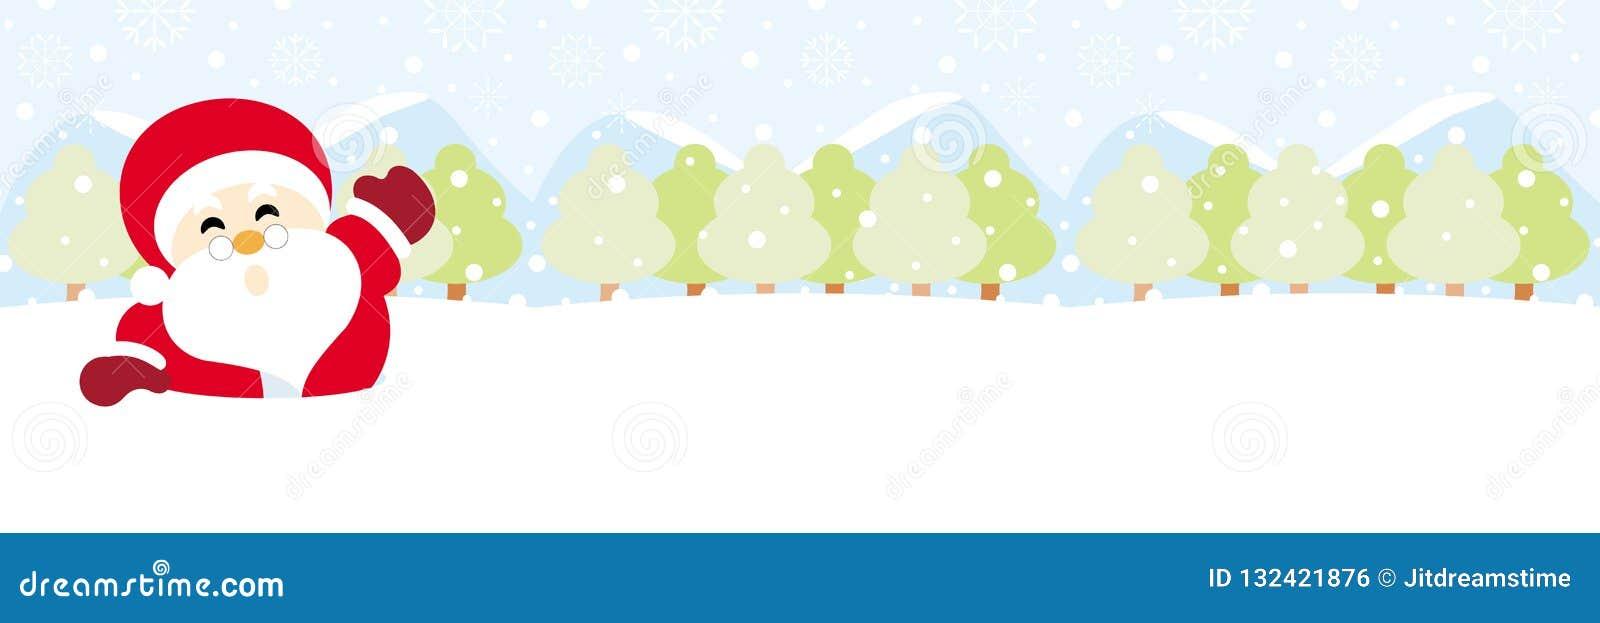 Санта Клаус на снеге с рождеством снежинки